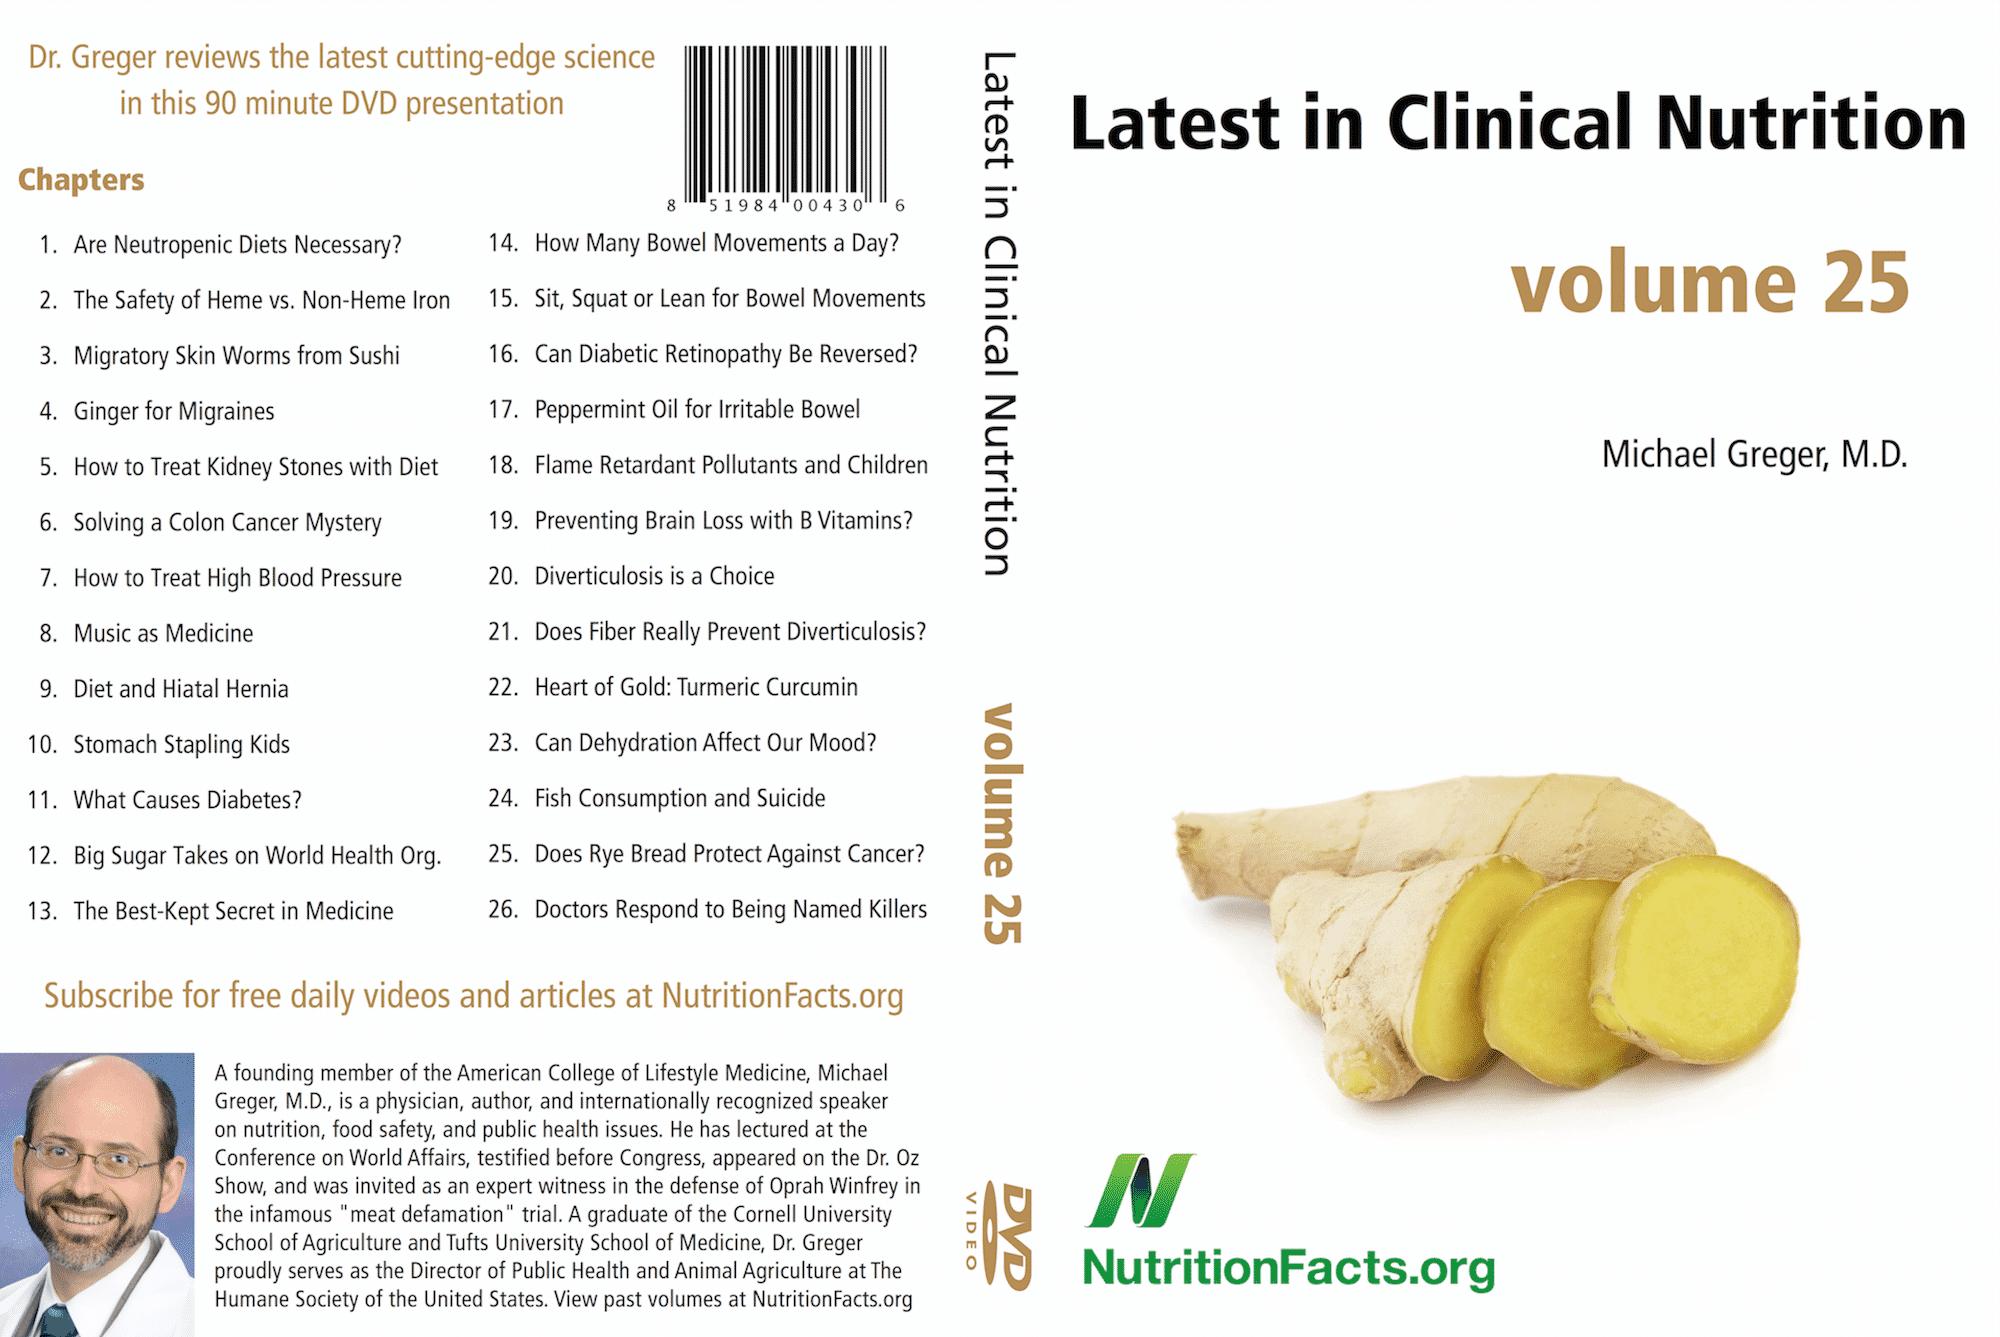 Volume 25 Public Launch